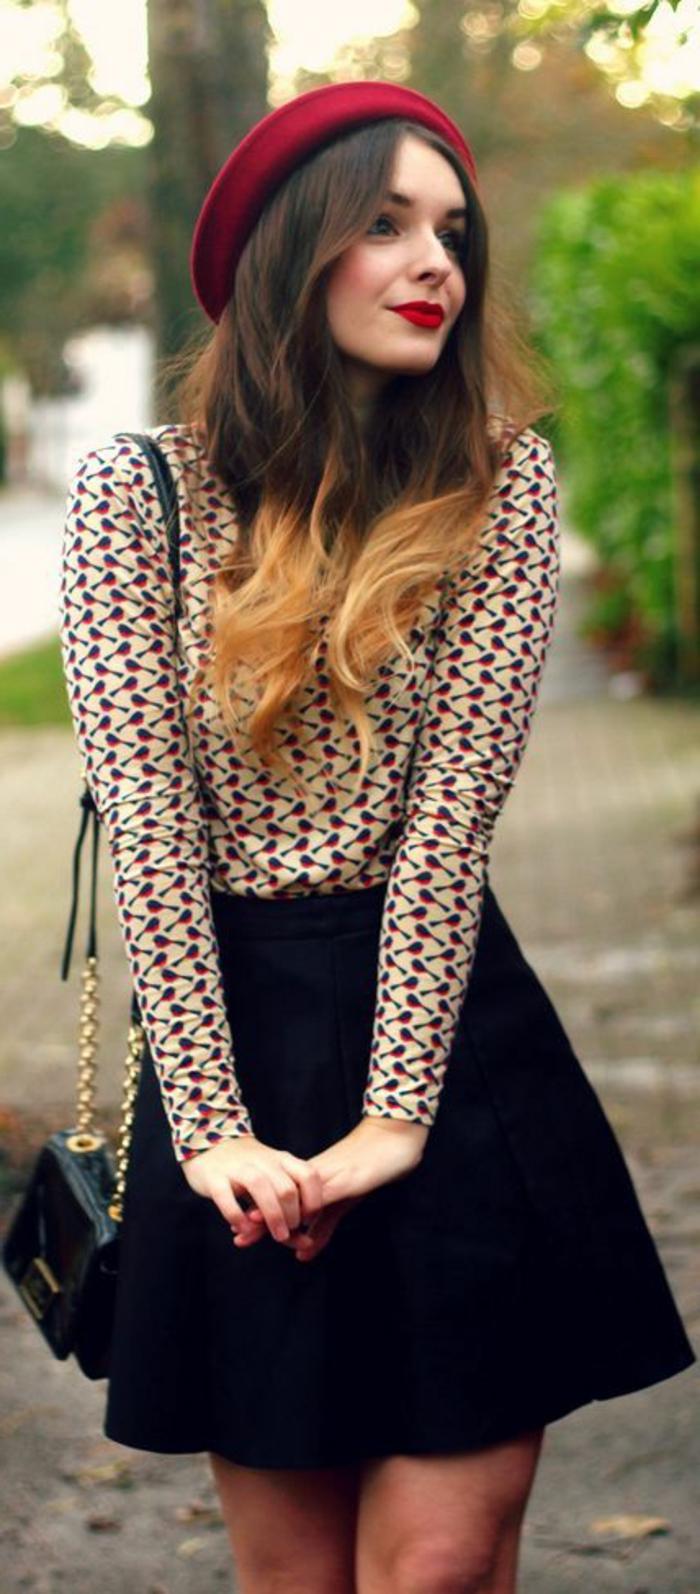 Mädchen-schicker-Outfit-Bluse-schwarzer-Rock-rote-mütze-Herbst-Mode